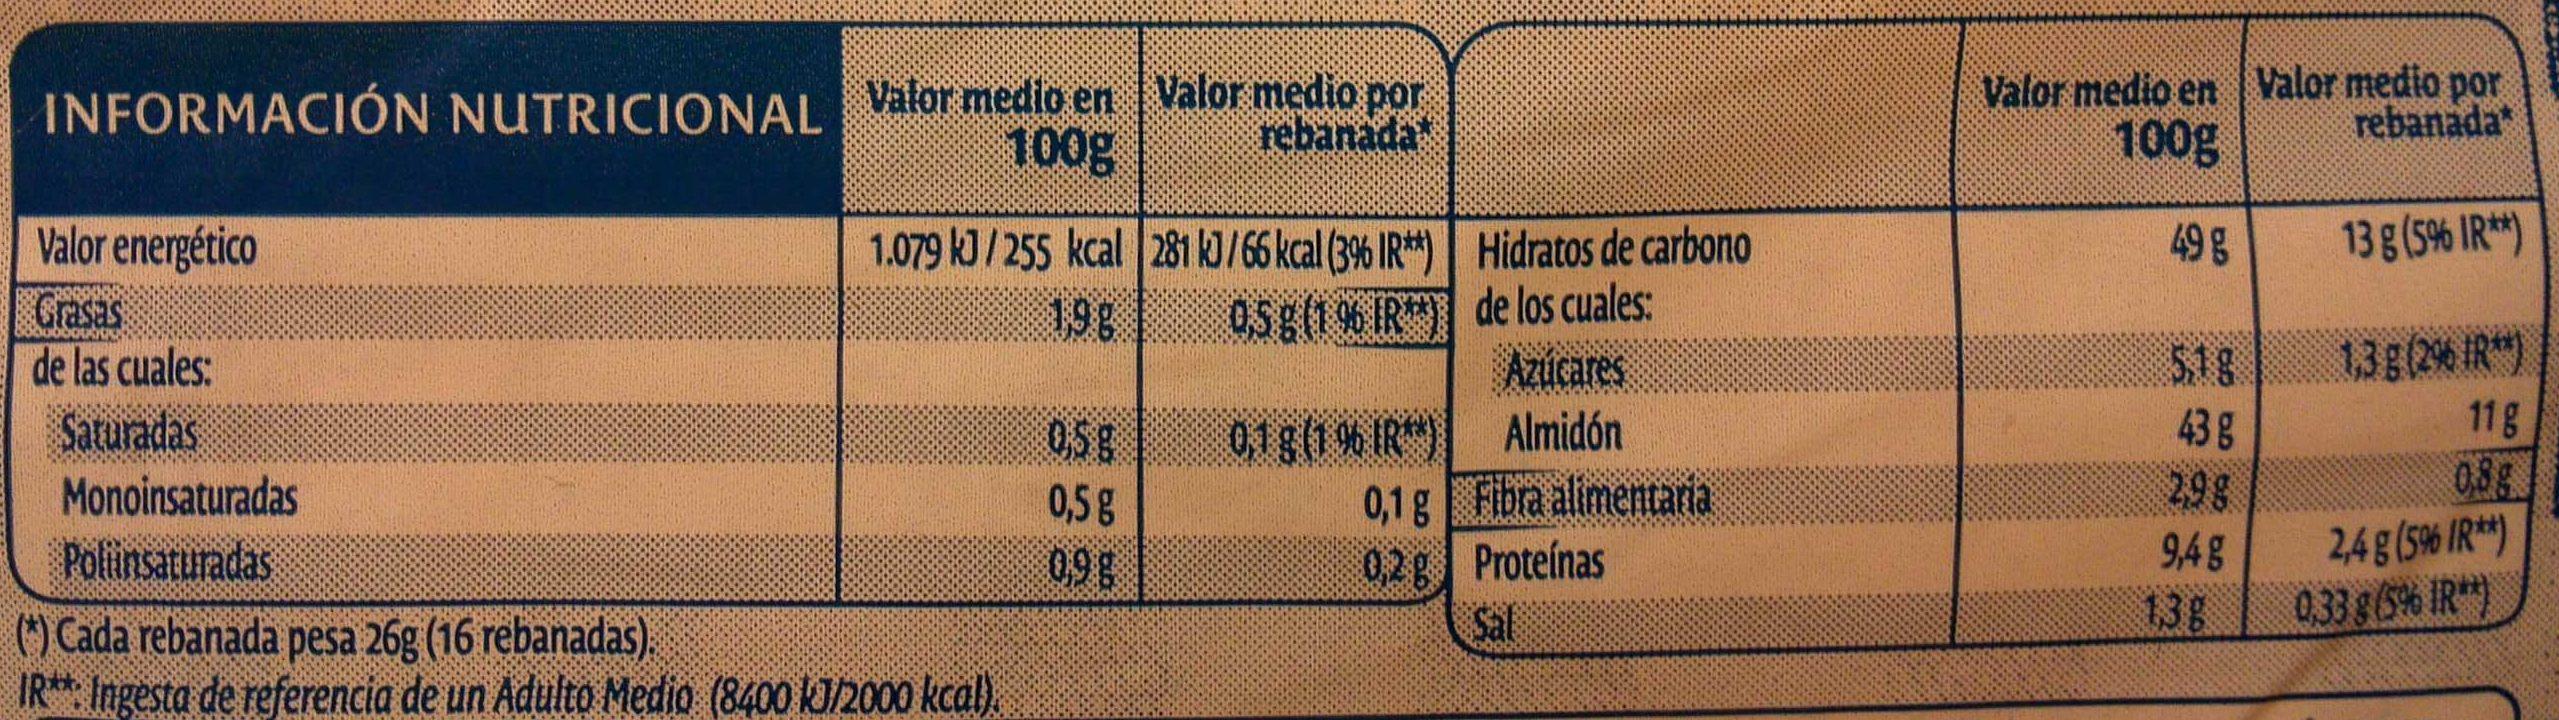 Mediano - Información nutricional - es